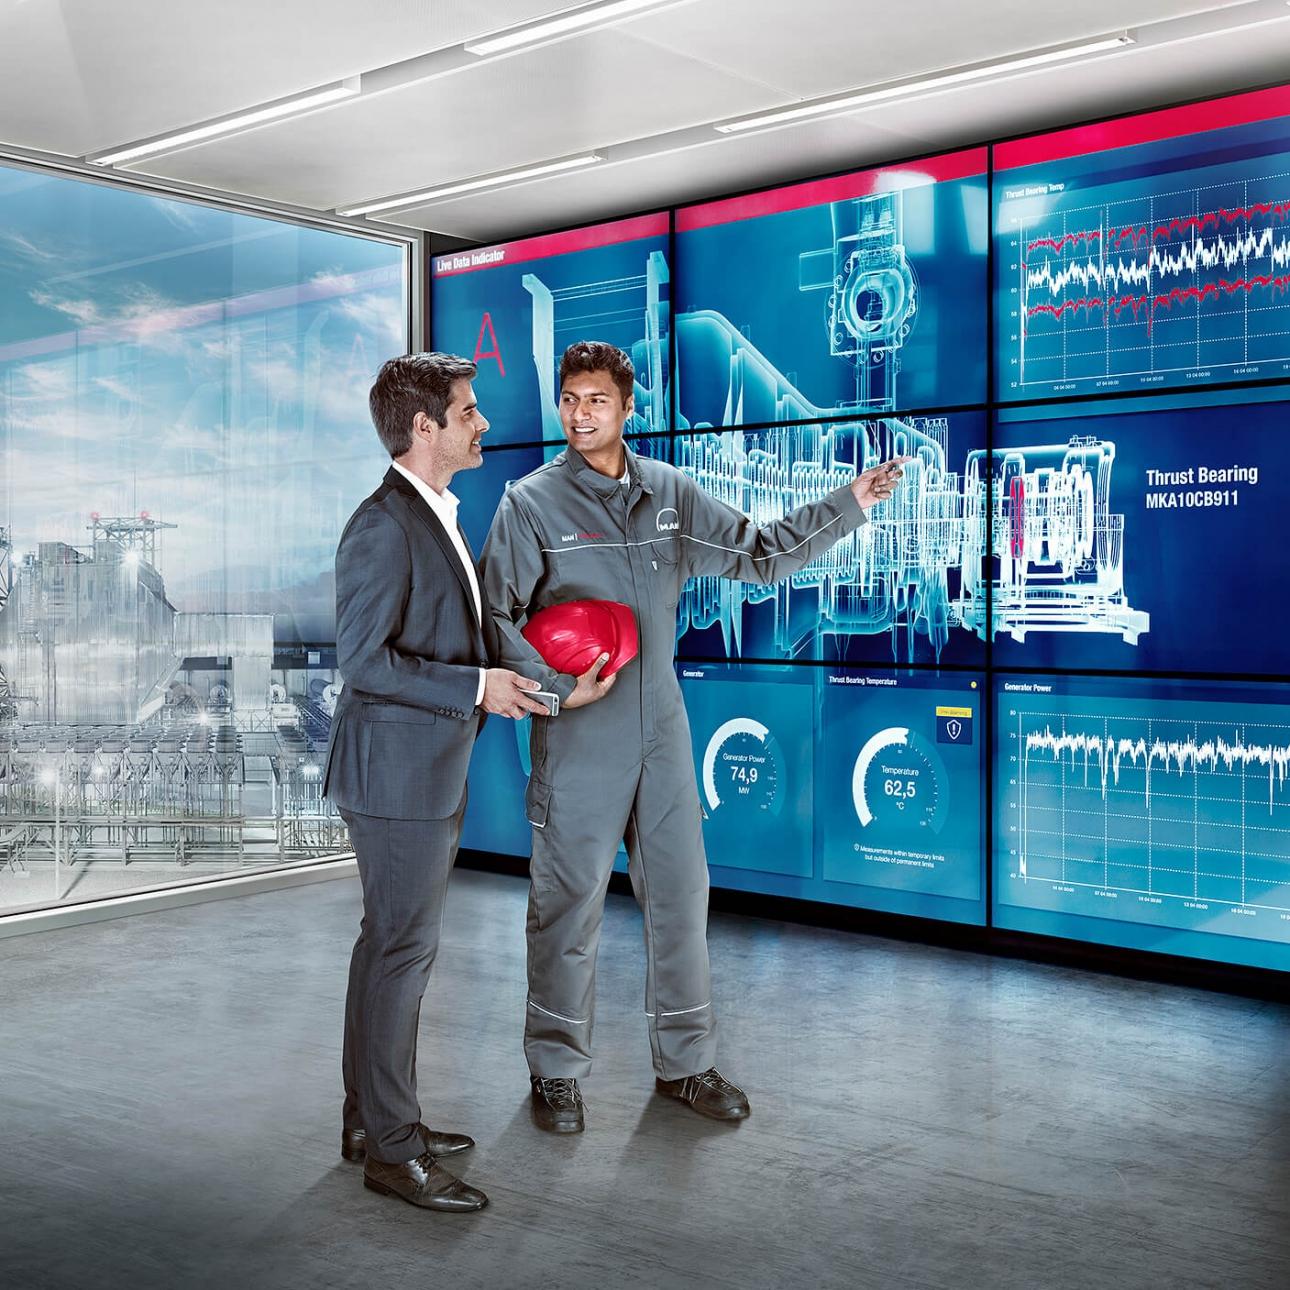 Key-Visual für die Imagekampagne für MAN PrimeServ, entwickelt und fotografiert von 31M und Jürgen Nobel